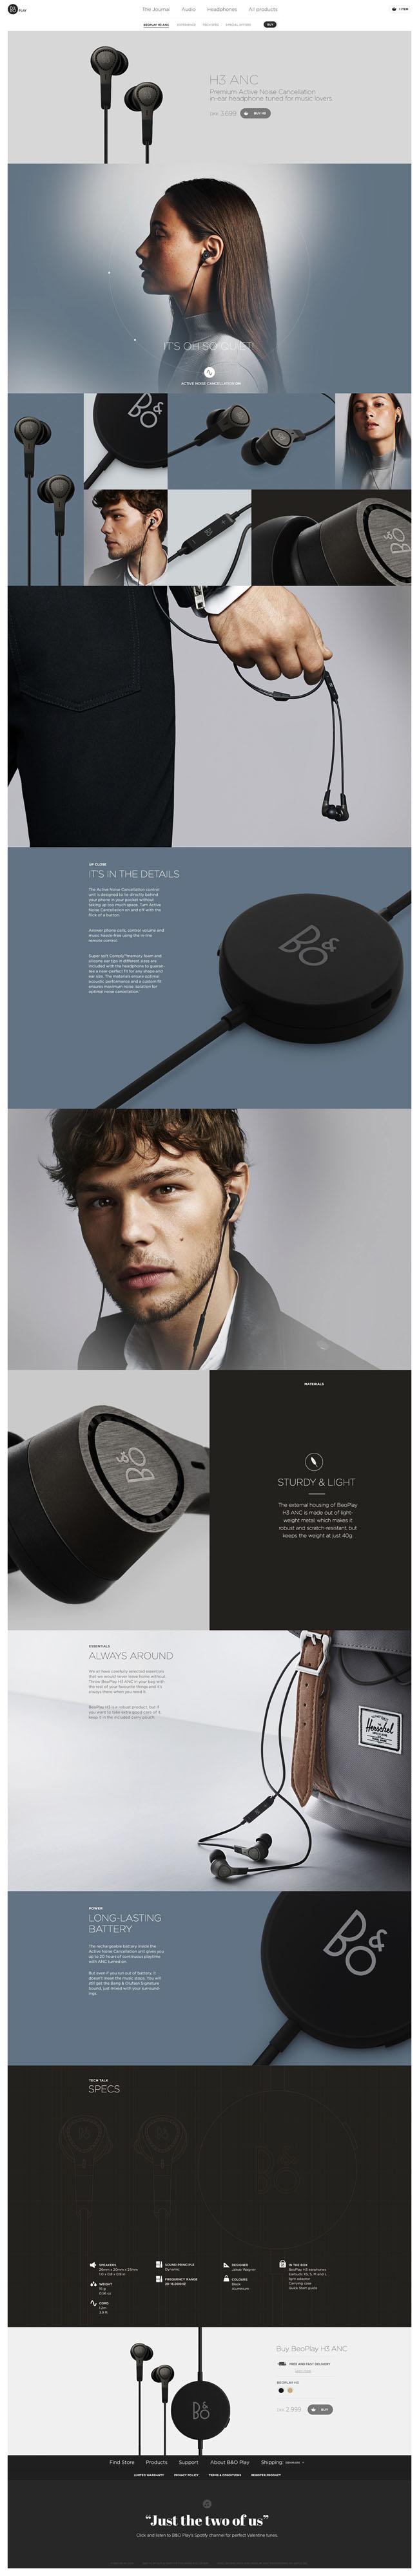 时尚美观的国外产品介绍网页设计作品(一)